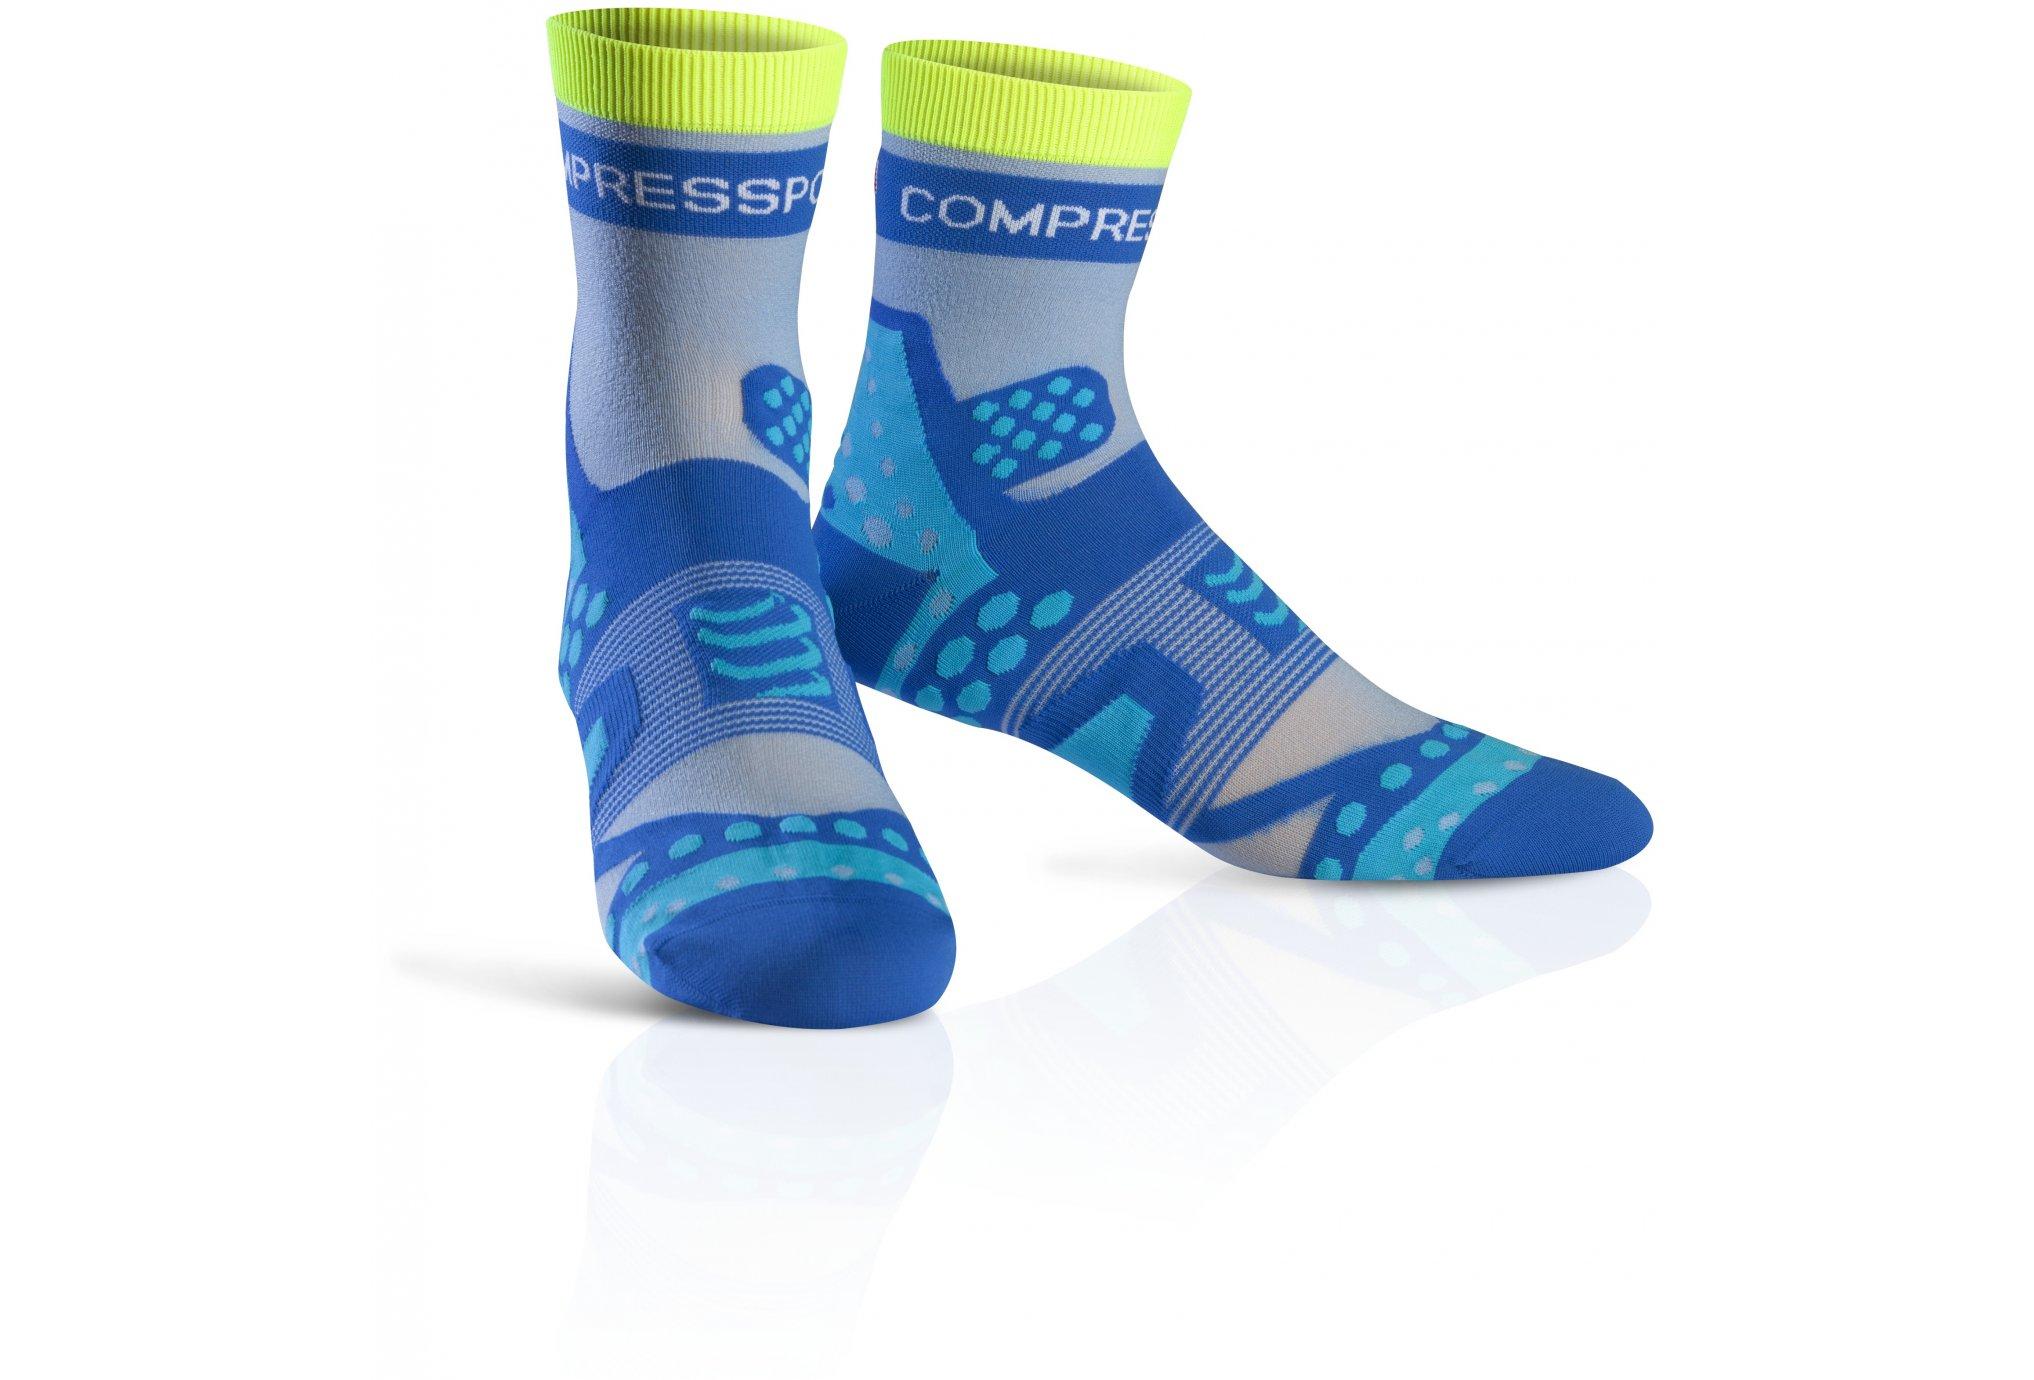 Compressport Chaussettes Pro Racing Ultra Light Diététique Accessoires